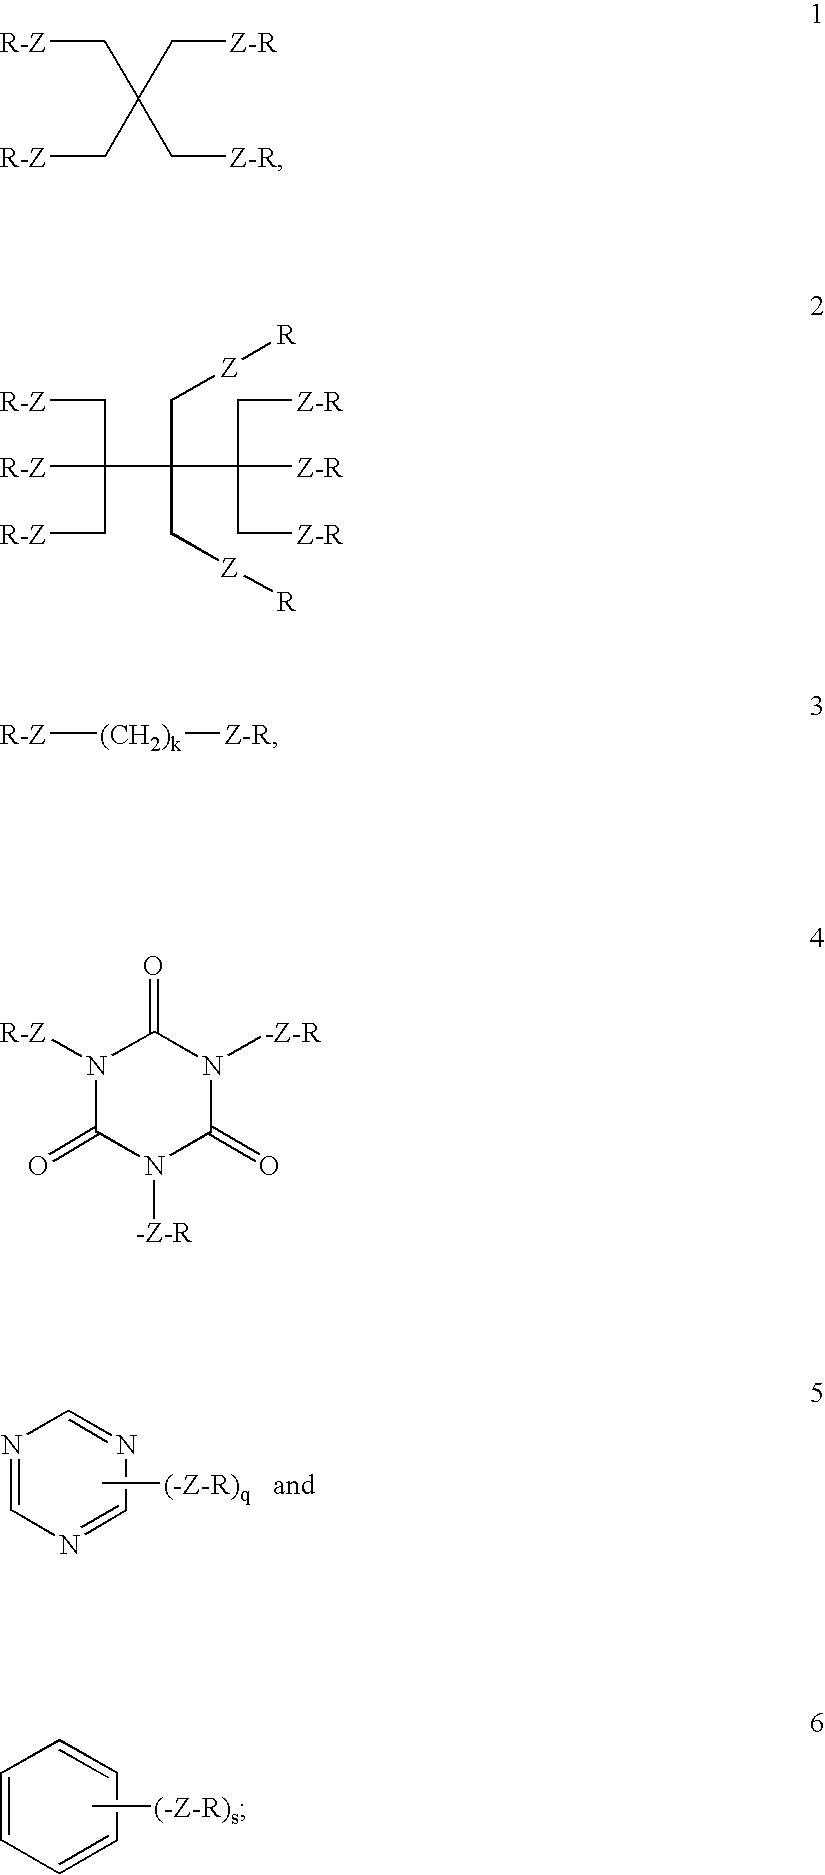 Figure US20080293856A1-20081127-C00115